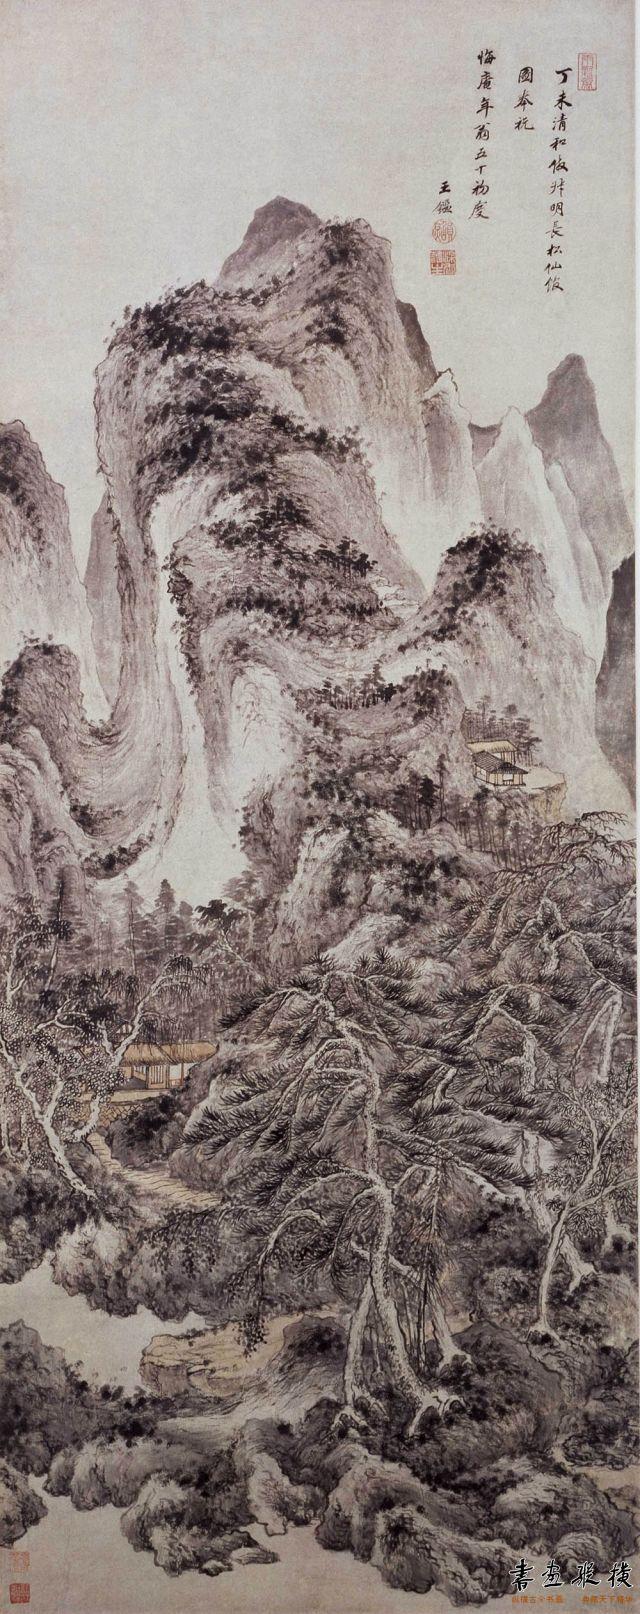 清 王鉴 仿叔明长松仙馆图轴 纸本 设色 纵138.2厘米 横54.5厘米 故宫博物院藏